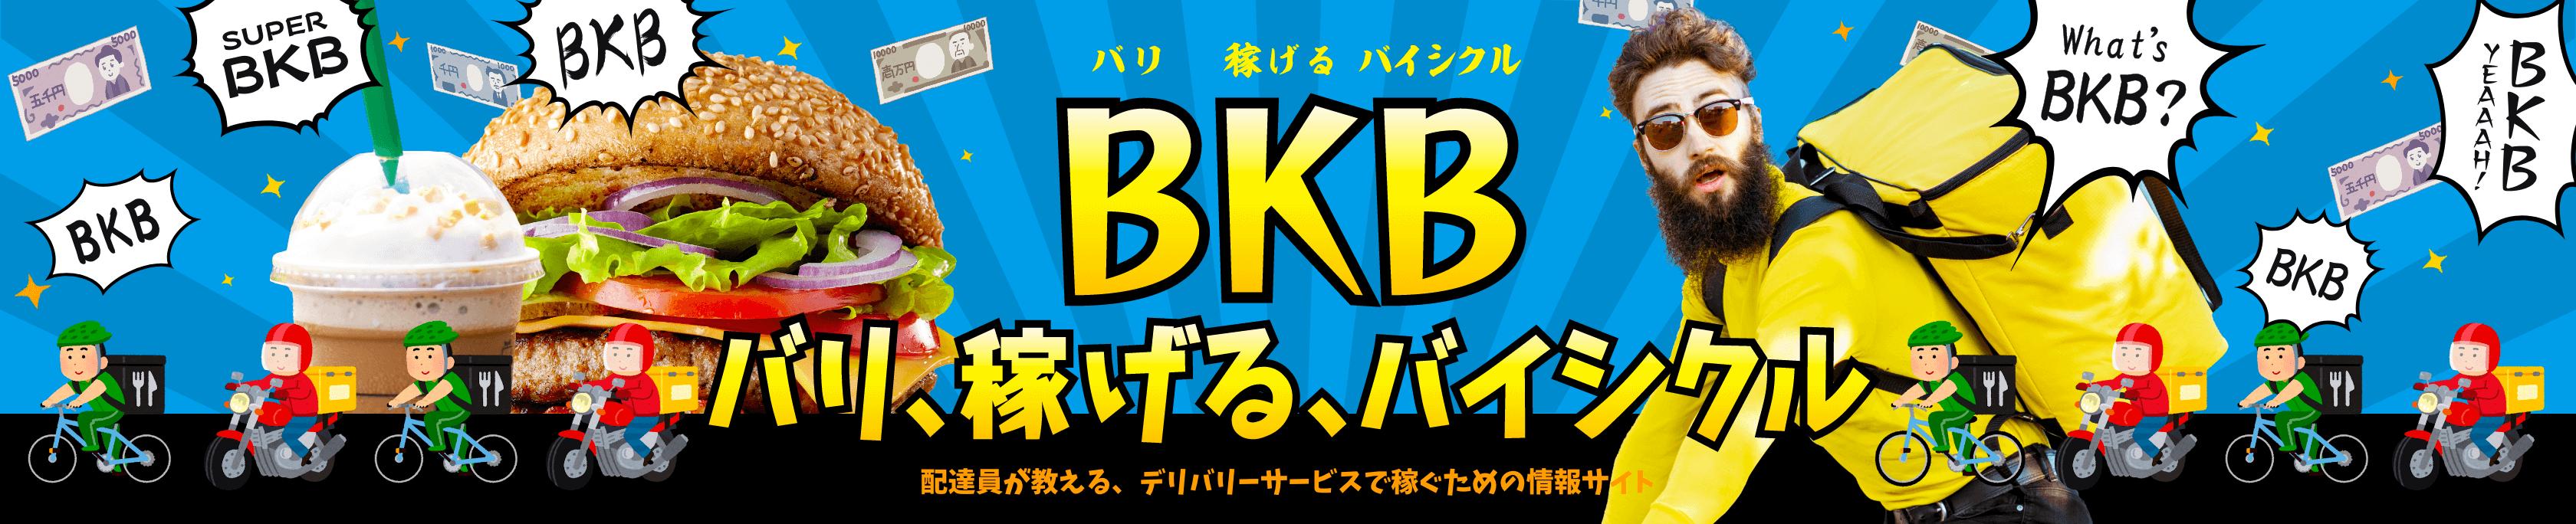 BKB - バリ稼げるバイシクル